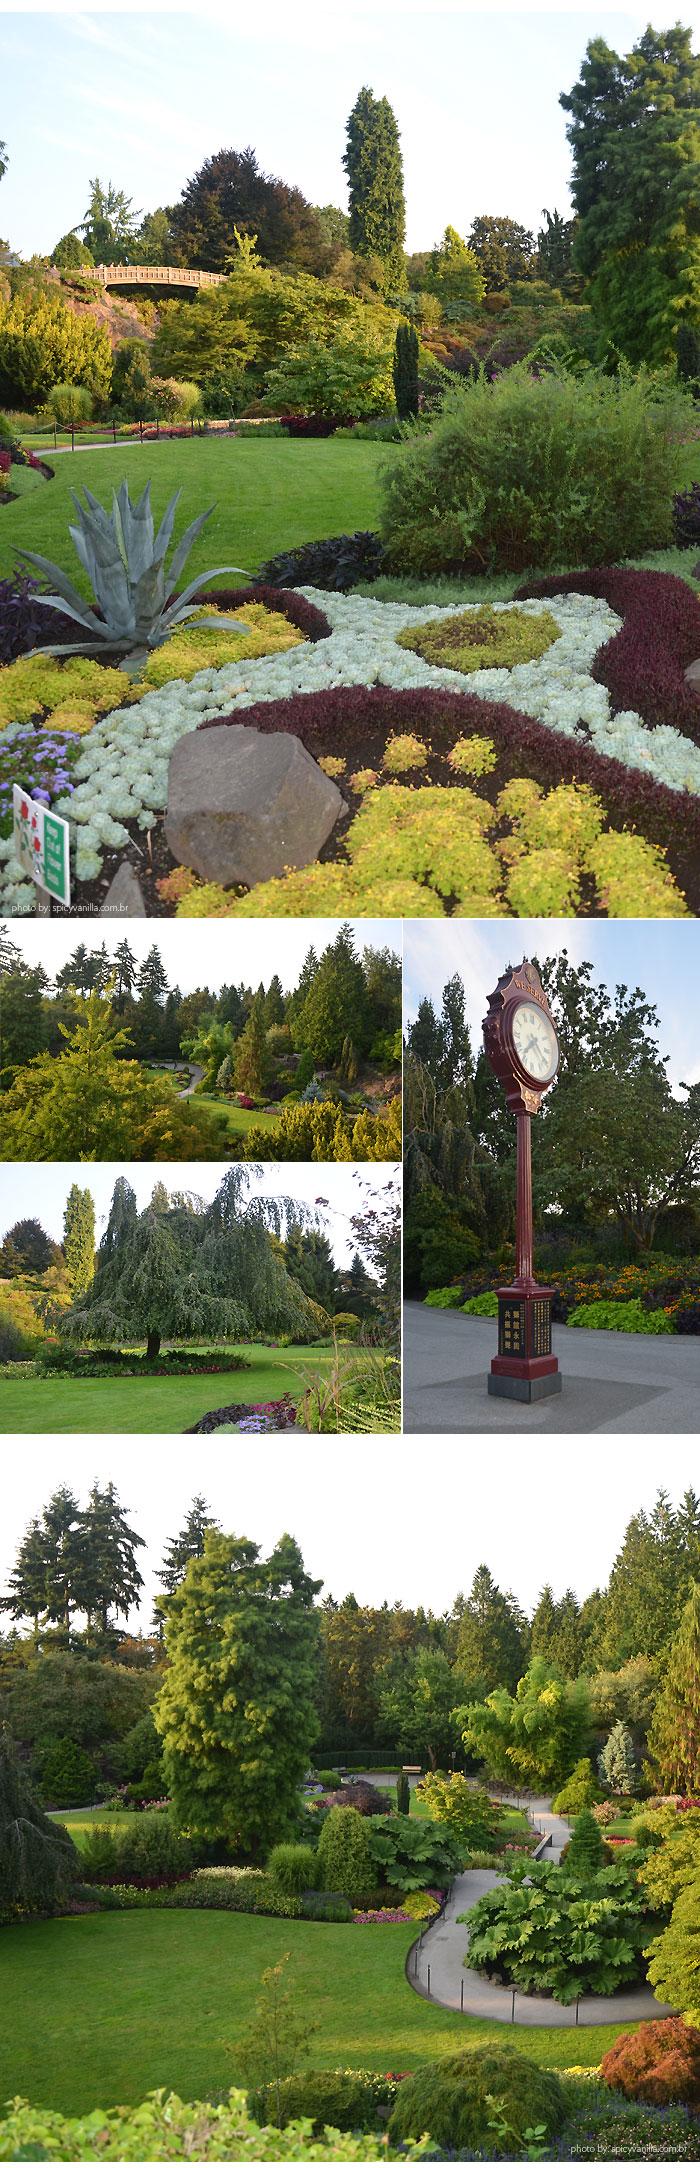 Queen_Elizabeth_Park_jardins